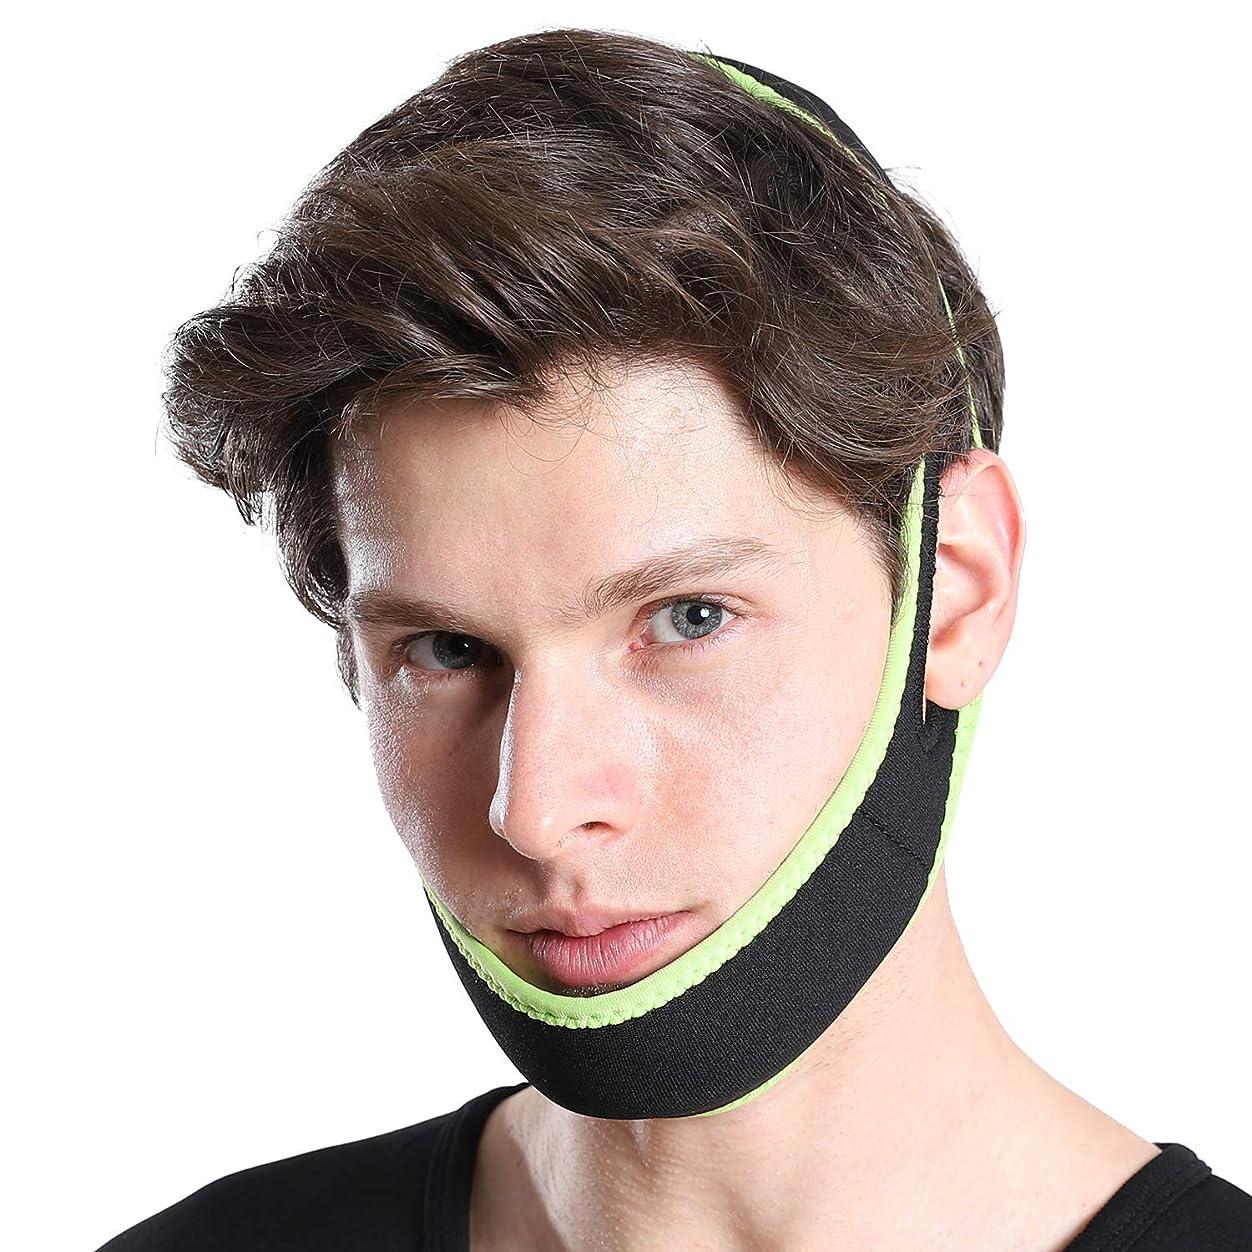 どれかスツールリスキーなELPIRKA 小顔マスク メンズ ゲルマニウムチタン 配合で 顔痩せ 小顔 リフトアップ!